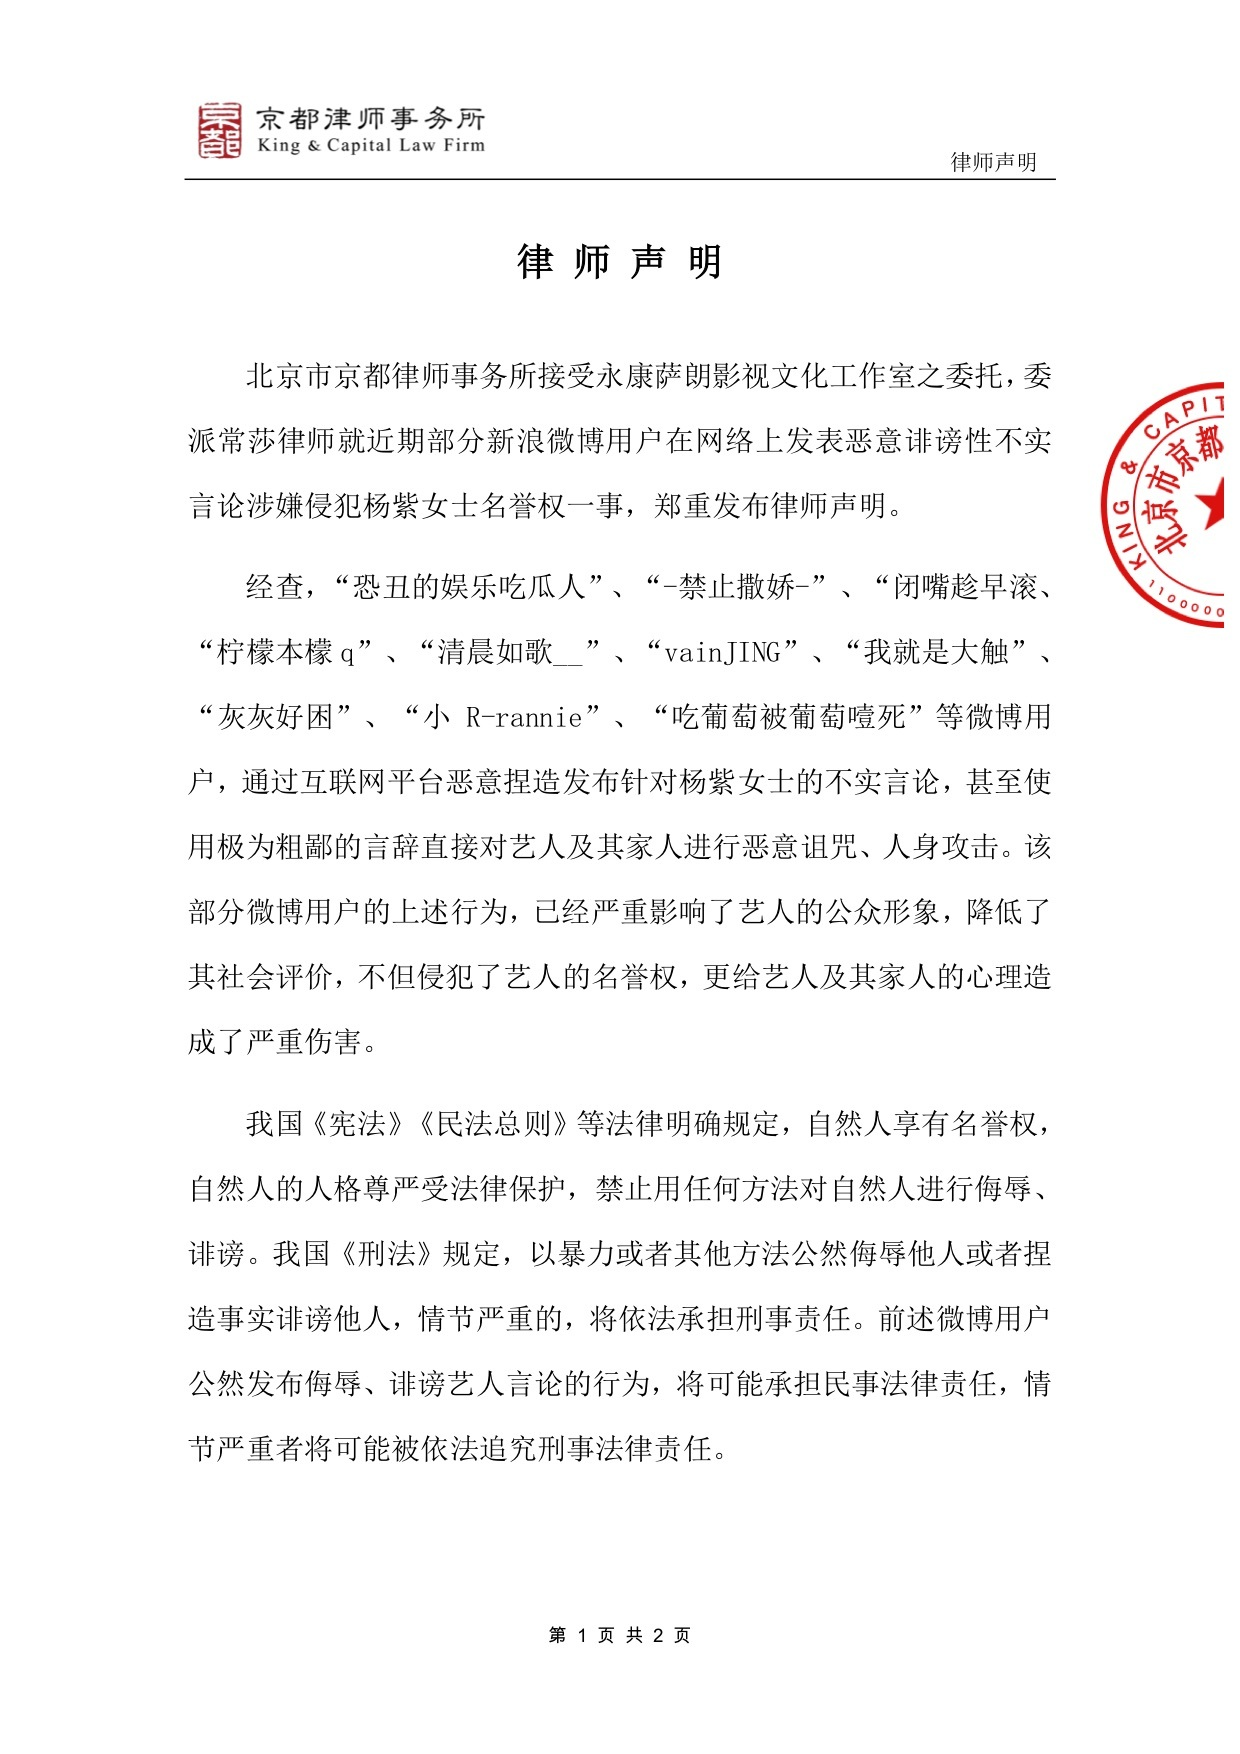 杨紫工作室就网上不实侵权言论发律师声明,将取证诉讼图片